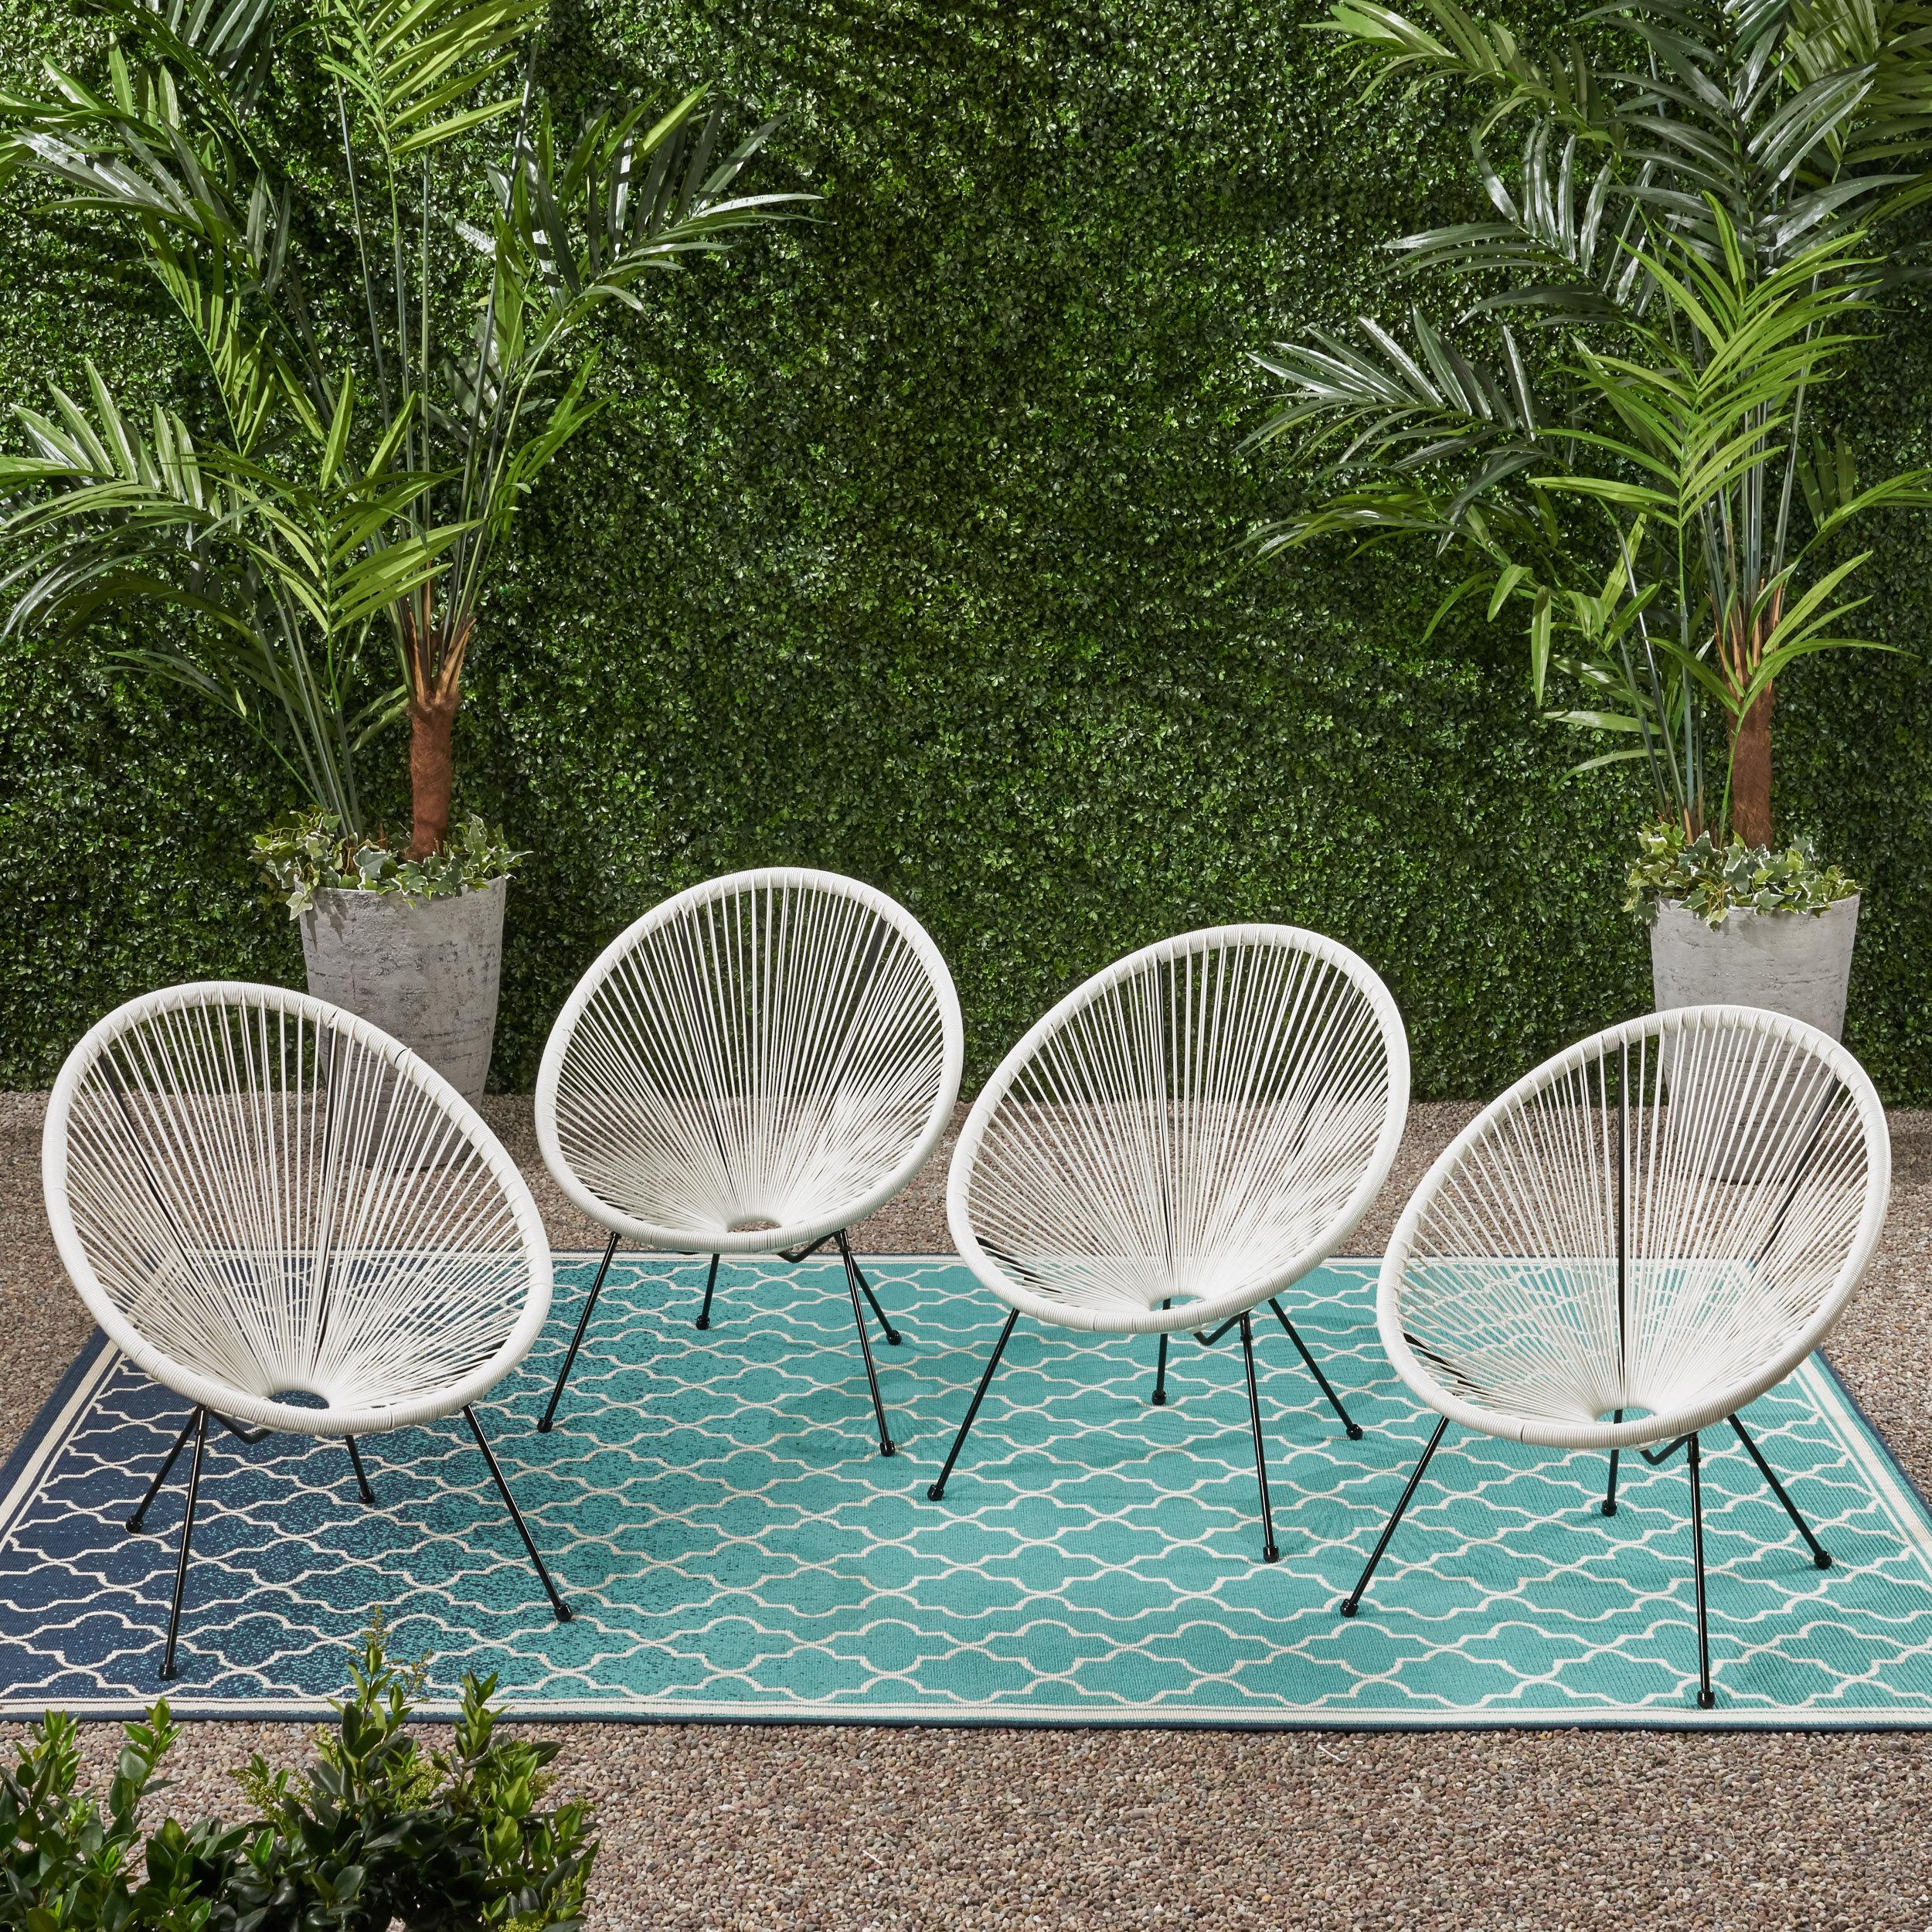 George Oliver Englewood Outdoor Hammock Weave Patio Chair Reviews Wayfair